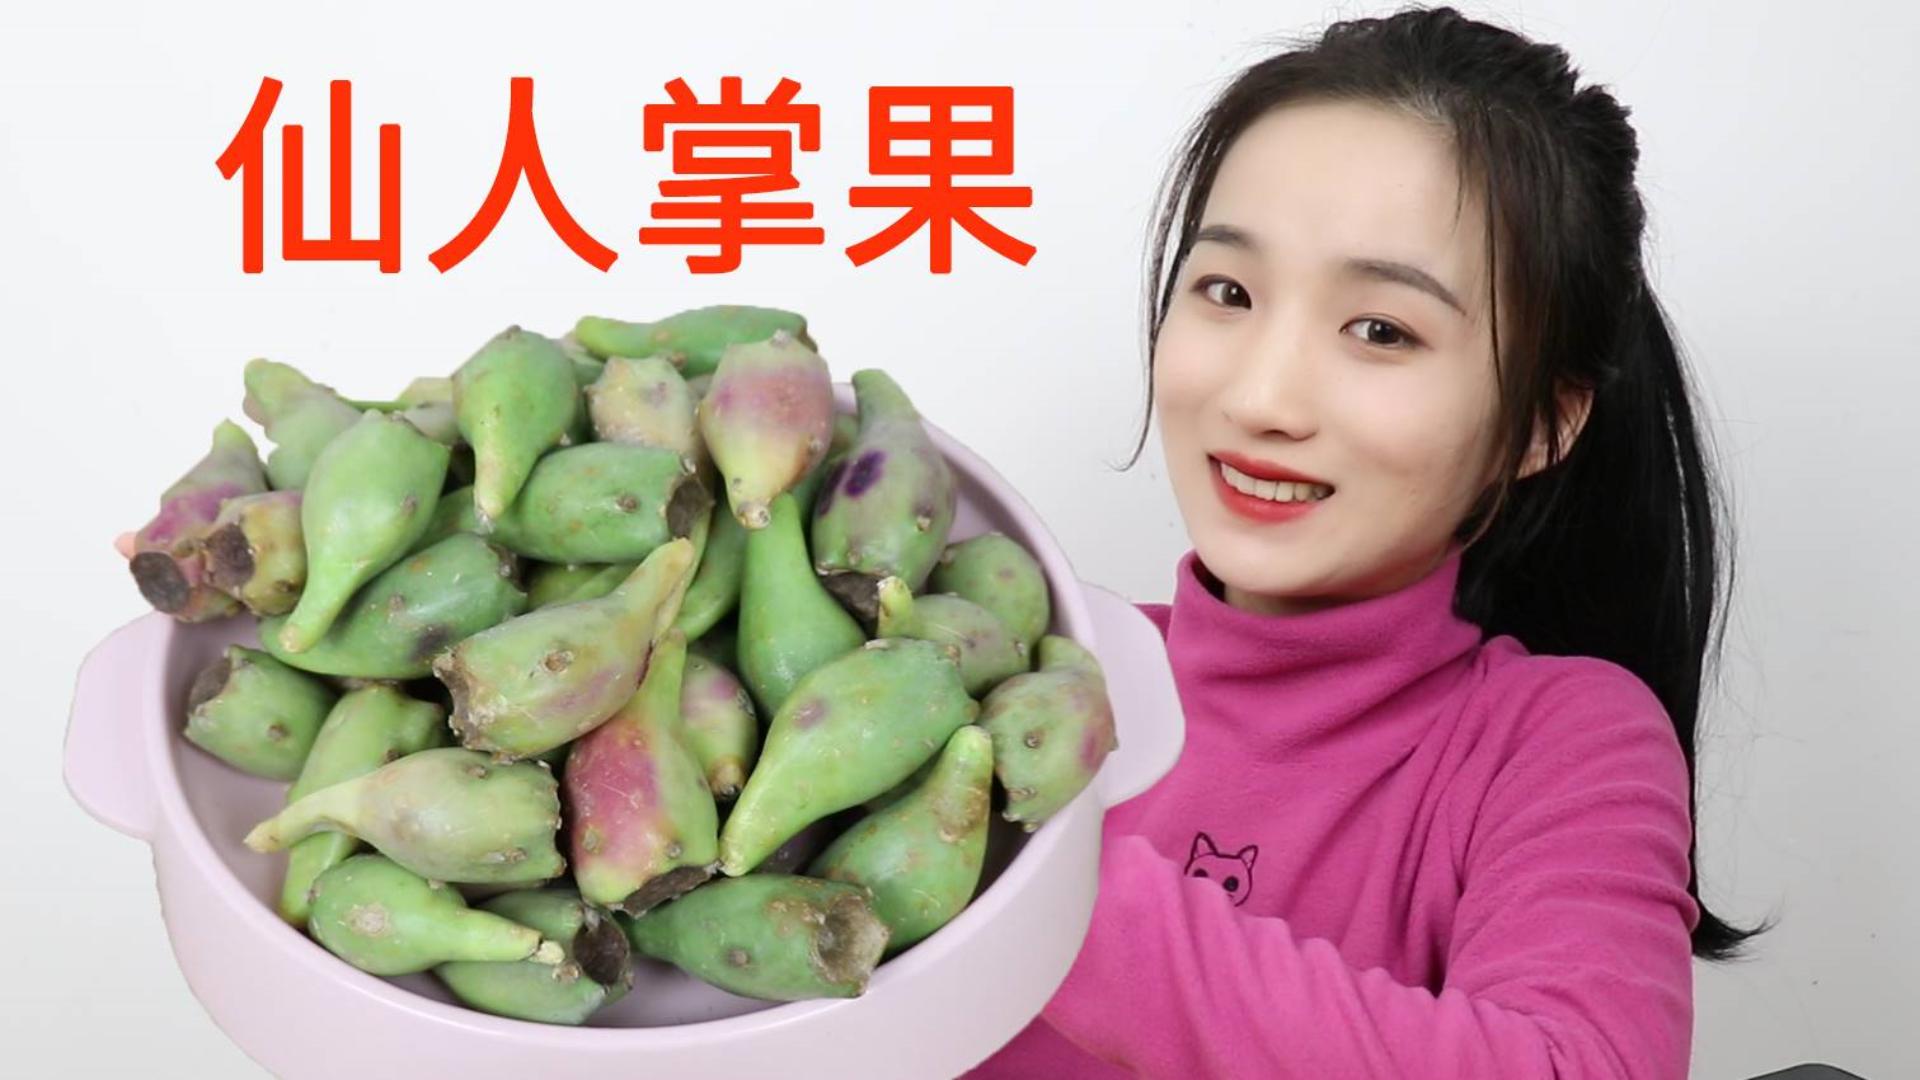 试吃40元1斤的仙人掌果,构造像石榴,味道到底怎么样?